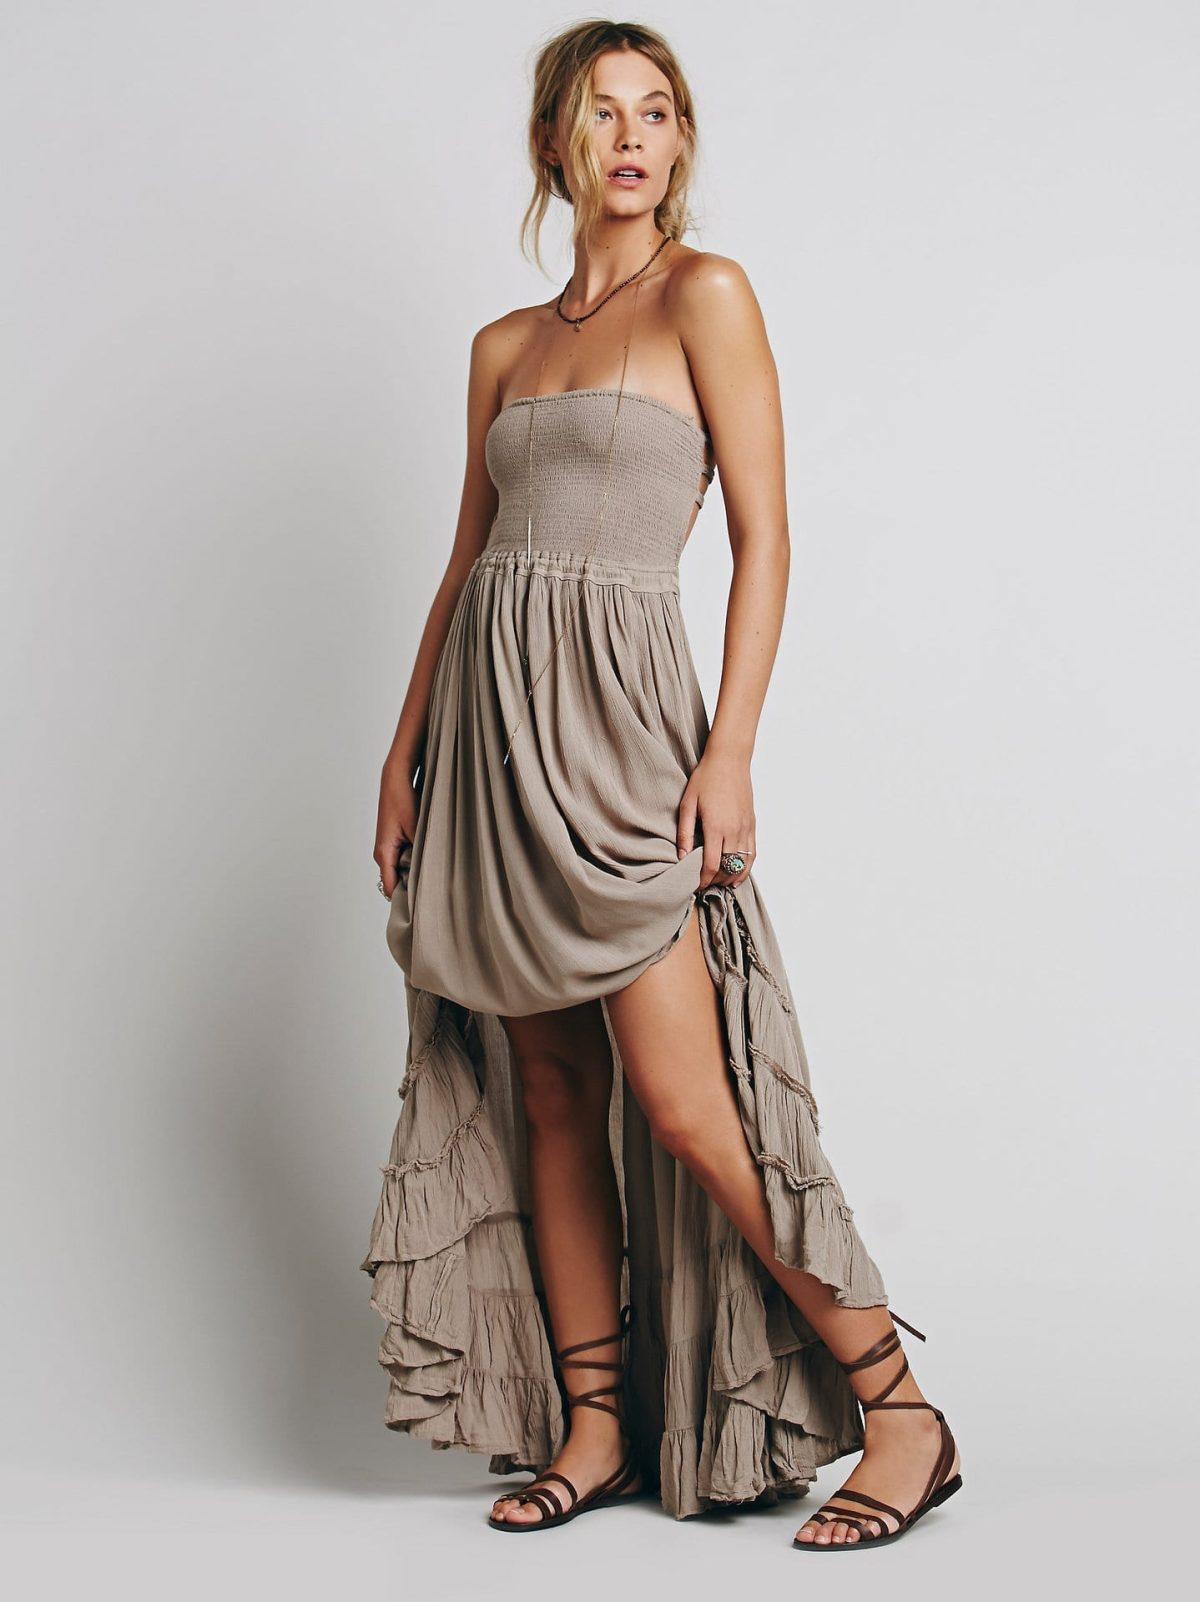 Backless Strapless Long Dress